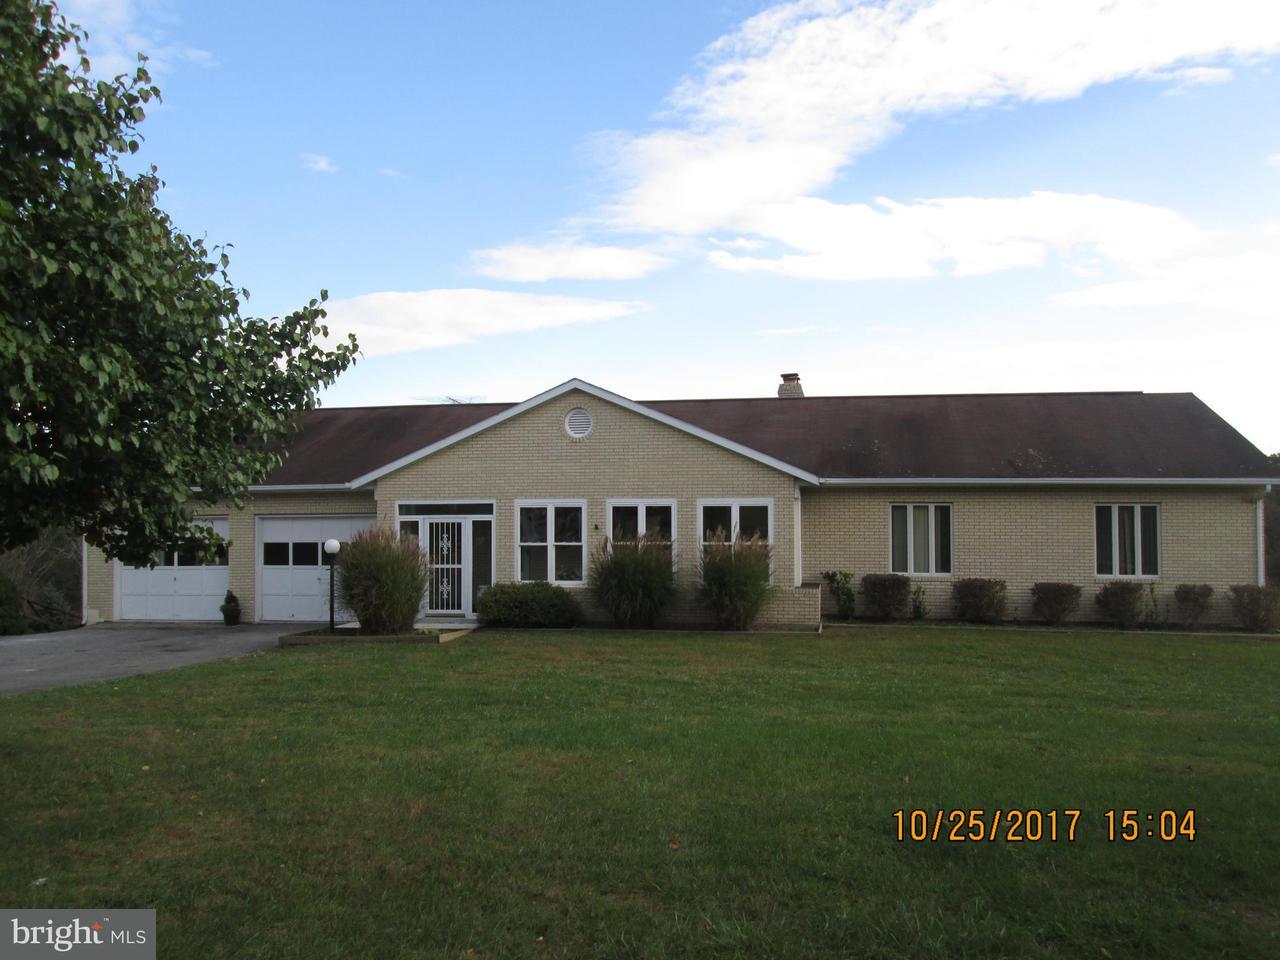 独户住宅 为 销售 在 158 PIOUS VIEW Court 158 PIOUS VIEW Court 伯克利斯普林斯, 西弗吉尼亚州 25411 美国